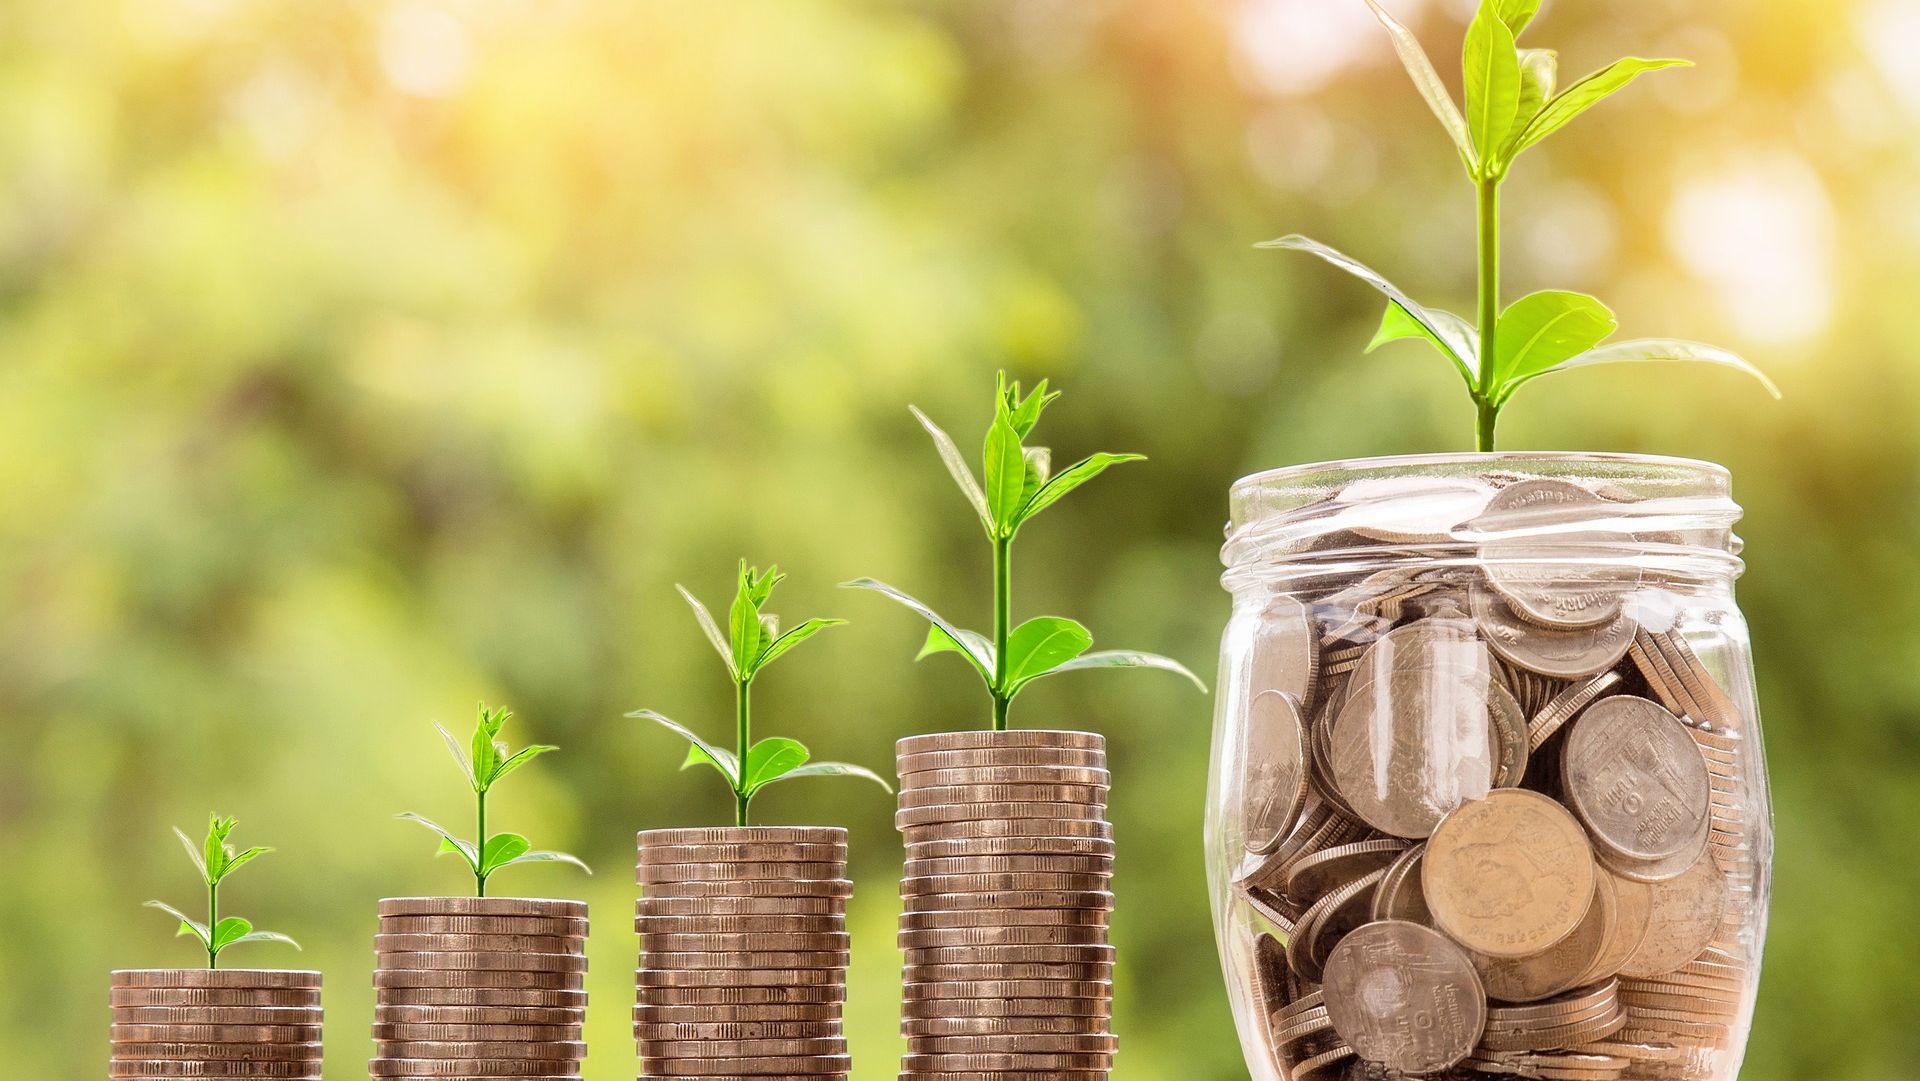 Zes suggesties om doelmatige zorg te realiseren in de komende jaren, als de zorgvraag en dus de kosten gaan stijgen door de toenemende vergrijzing .